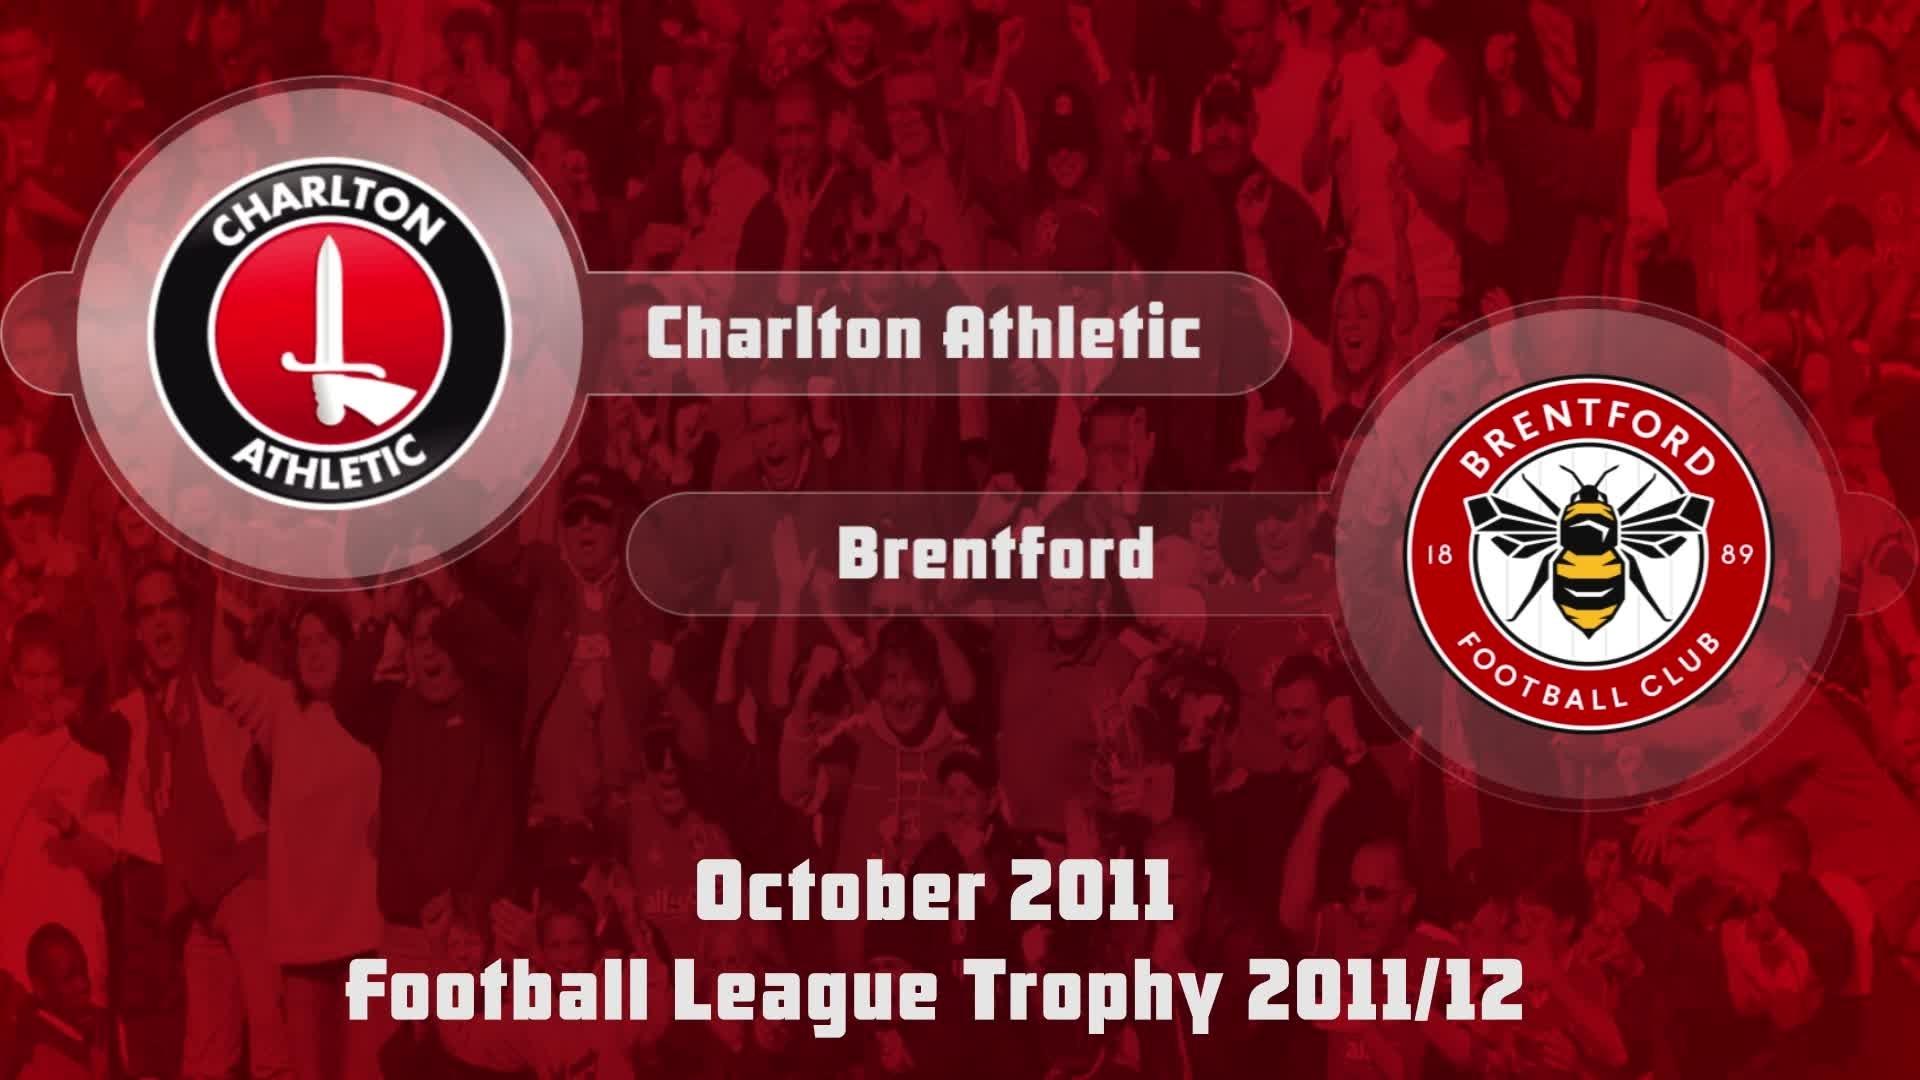 14 HIGHLIGHTS | Charlton 0 Brentford 3 (Oct 2011)